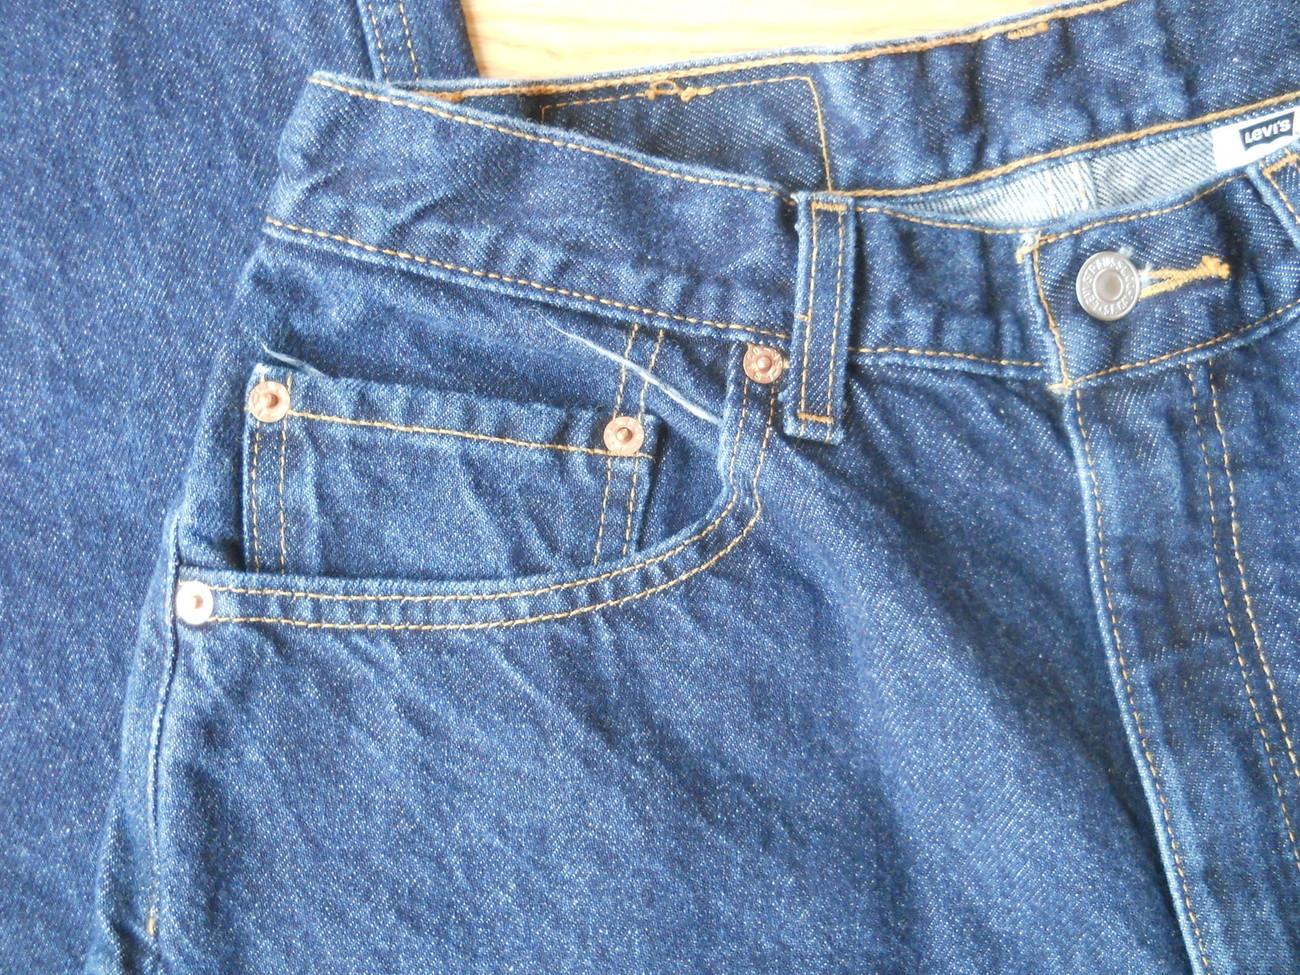 Men Levi Strauss Dark Blue Demin 505 Jeans W33 L30 Regular Fit Straight Leg